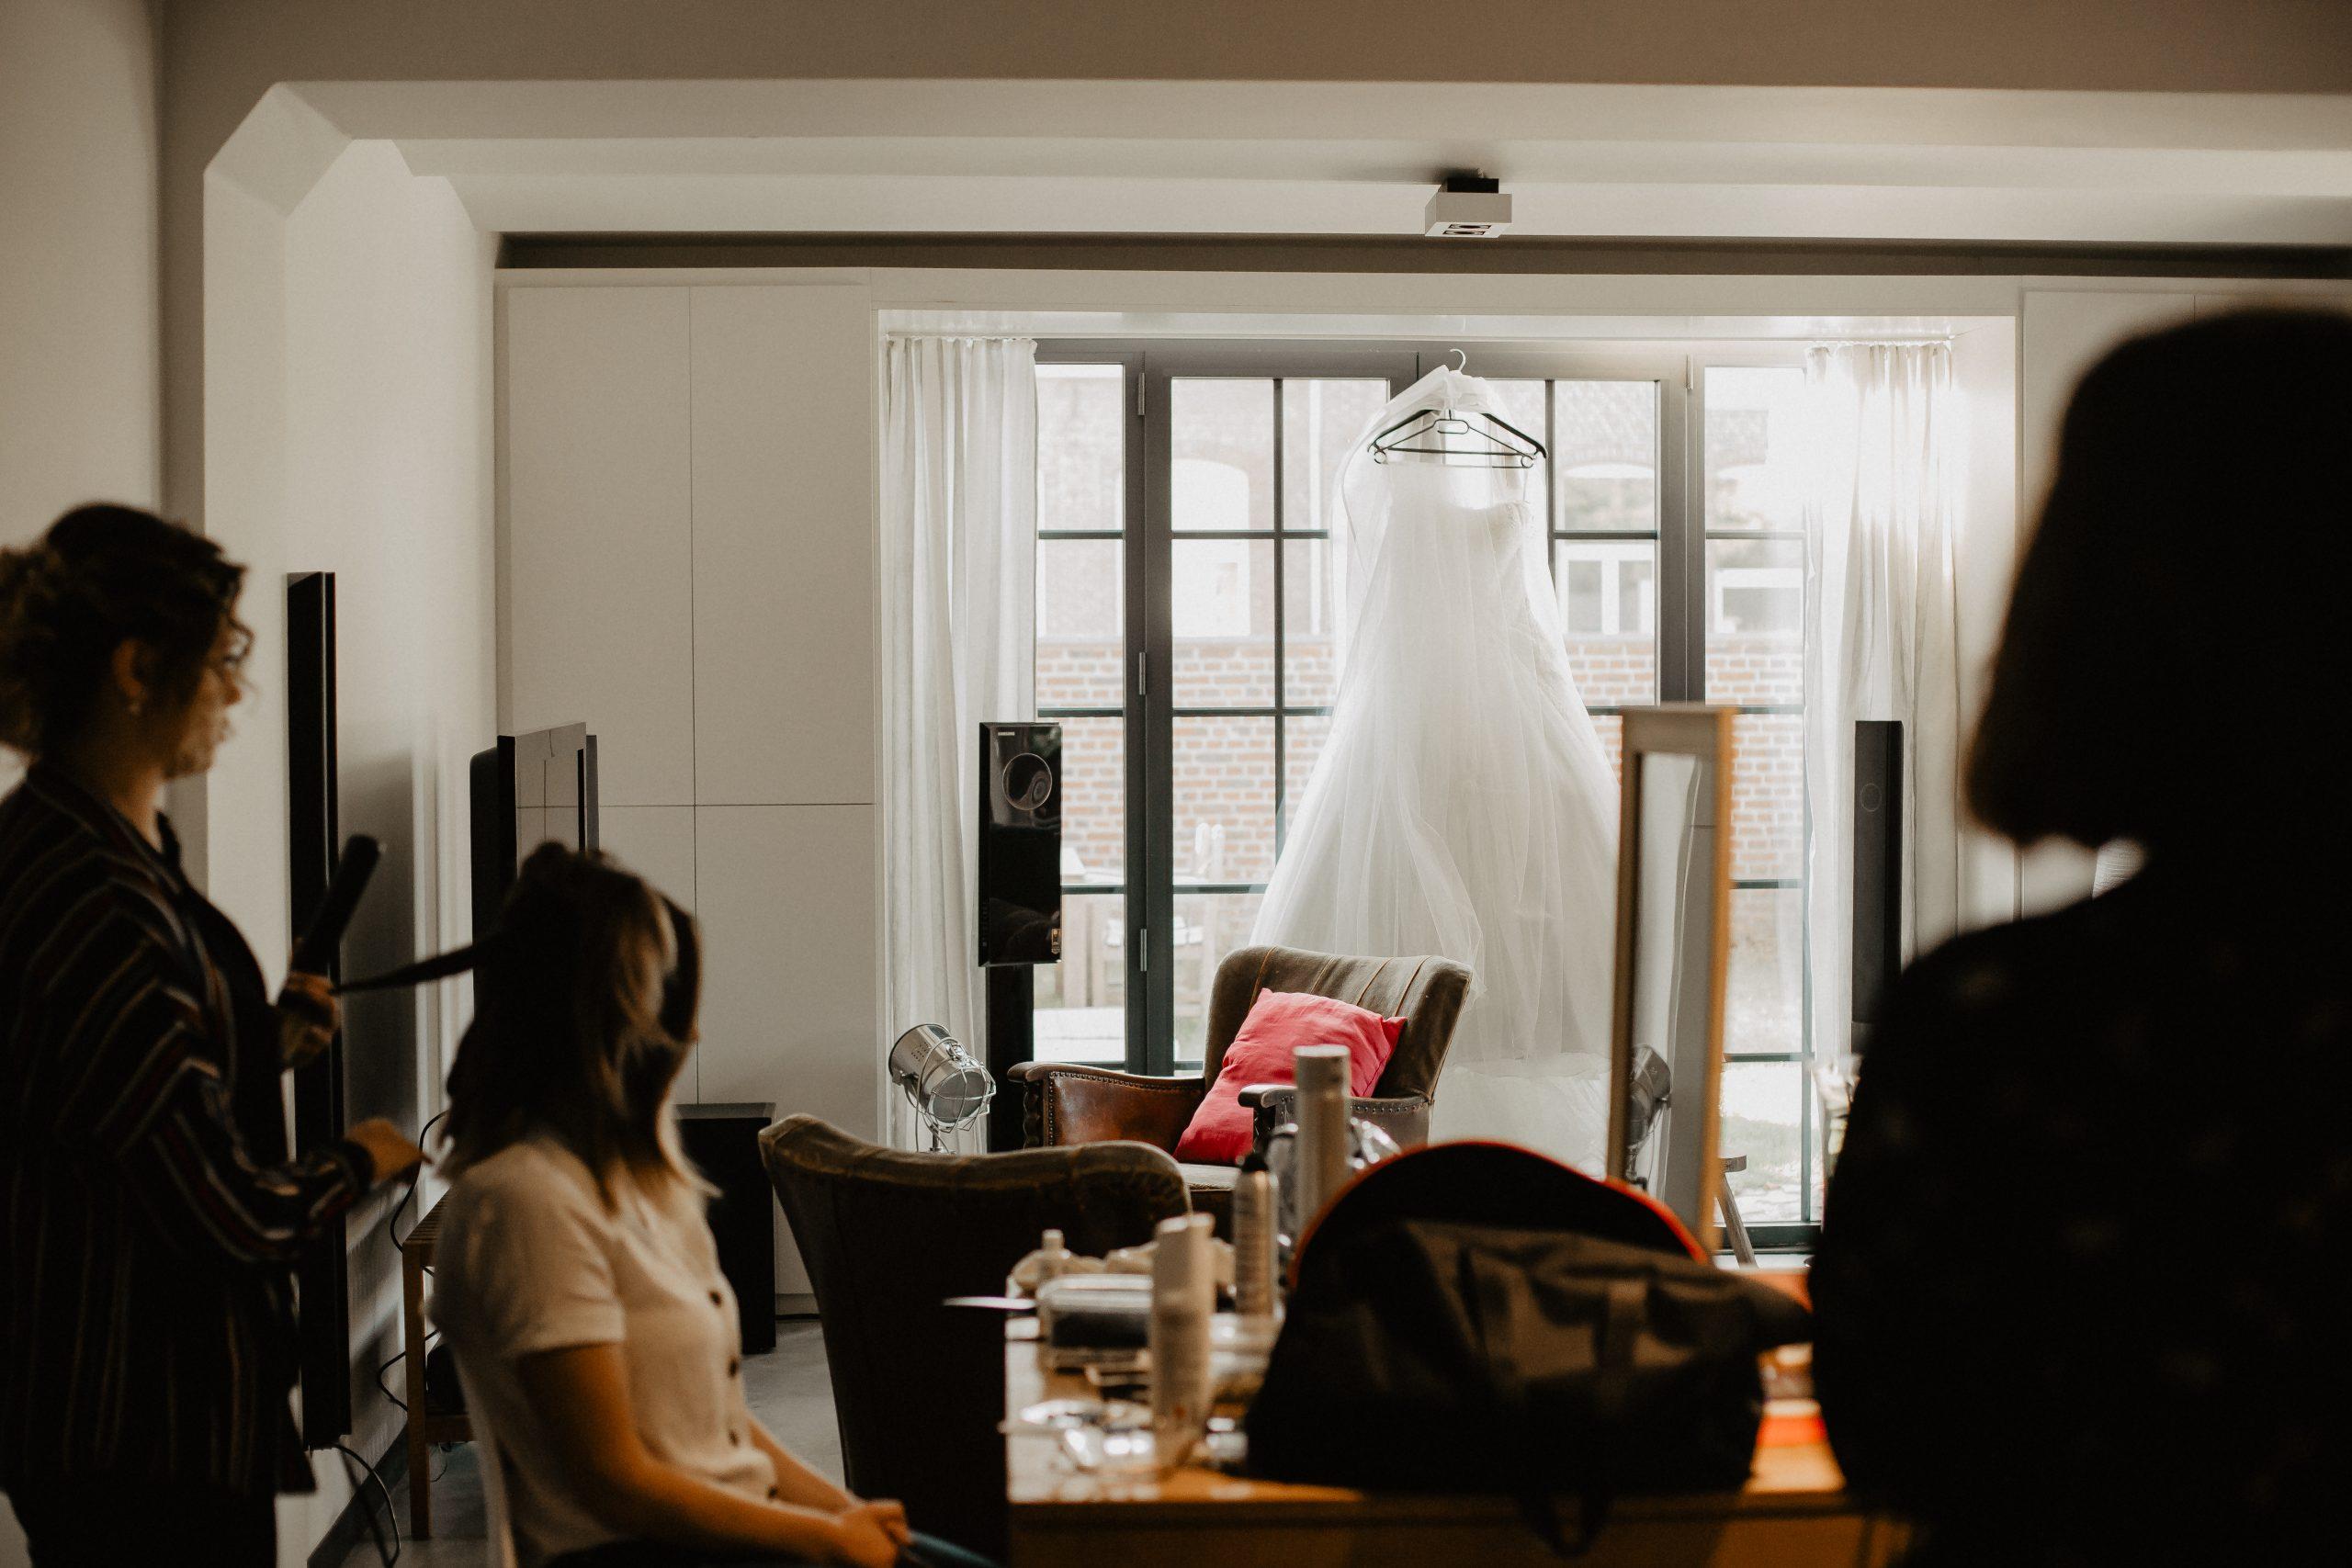 Mariage-Virginie M. Photos-couple-photos-union-amour-Croix-photographe Lille (9)